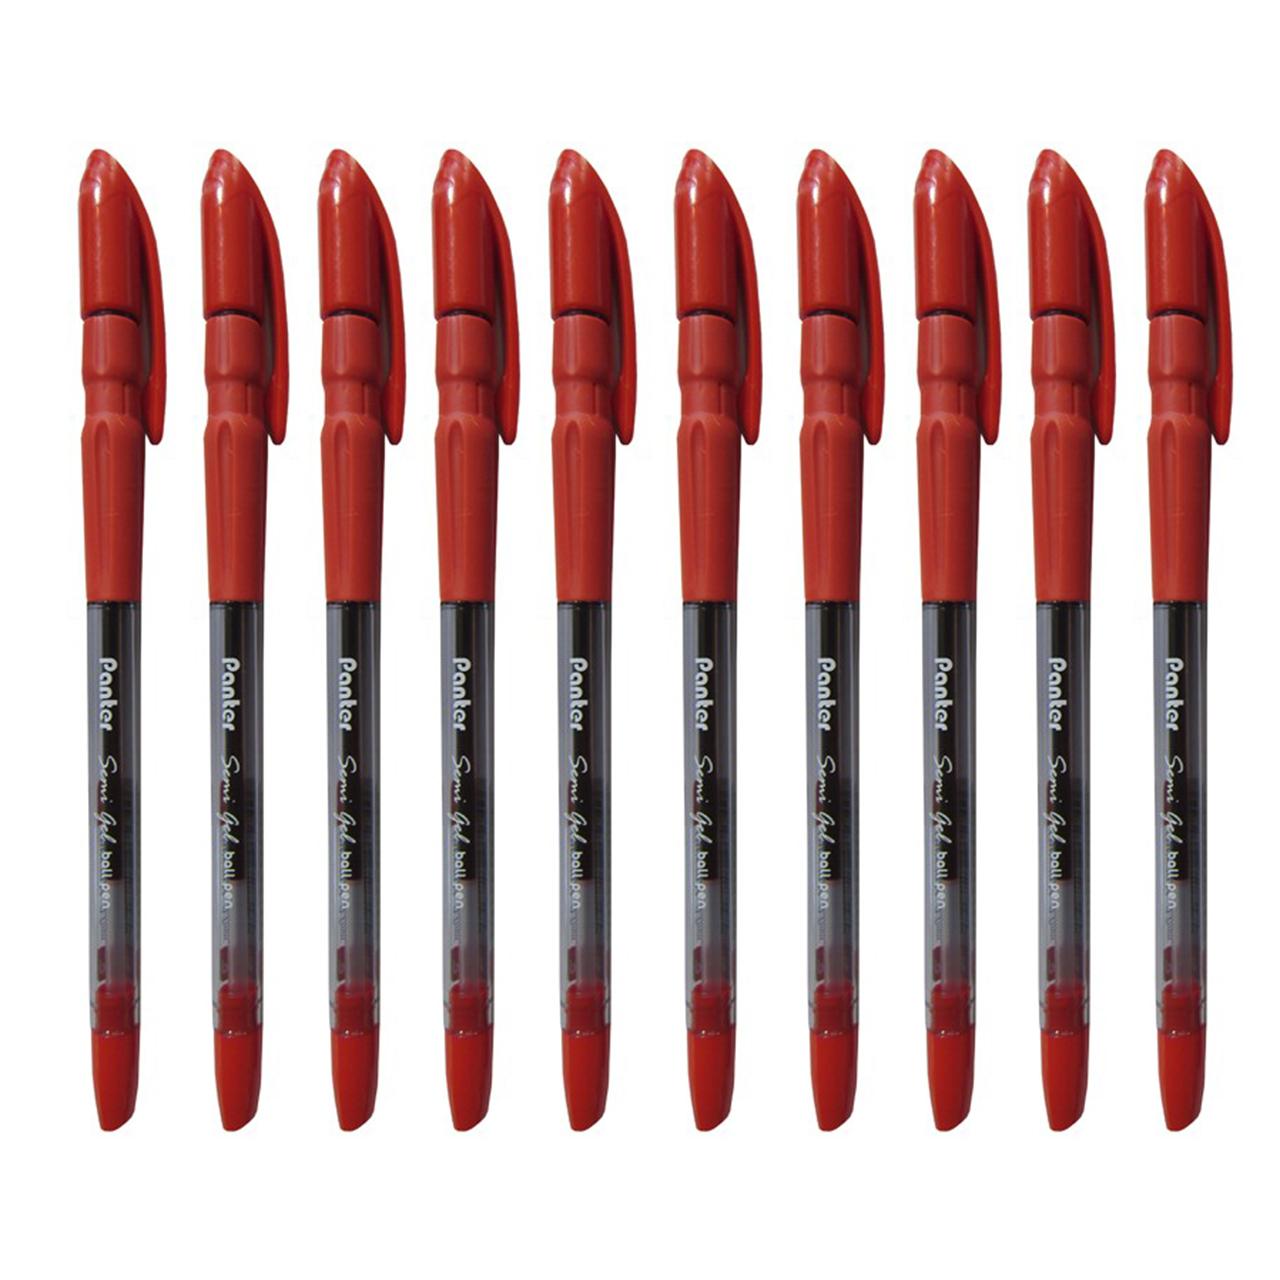 خودکار پنتر مدل Semi Gel بسته 10 عددی سایز 0.7